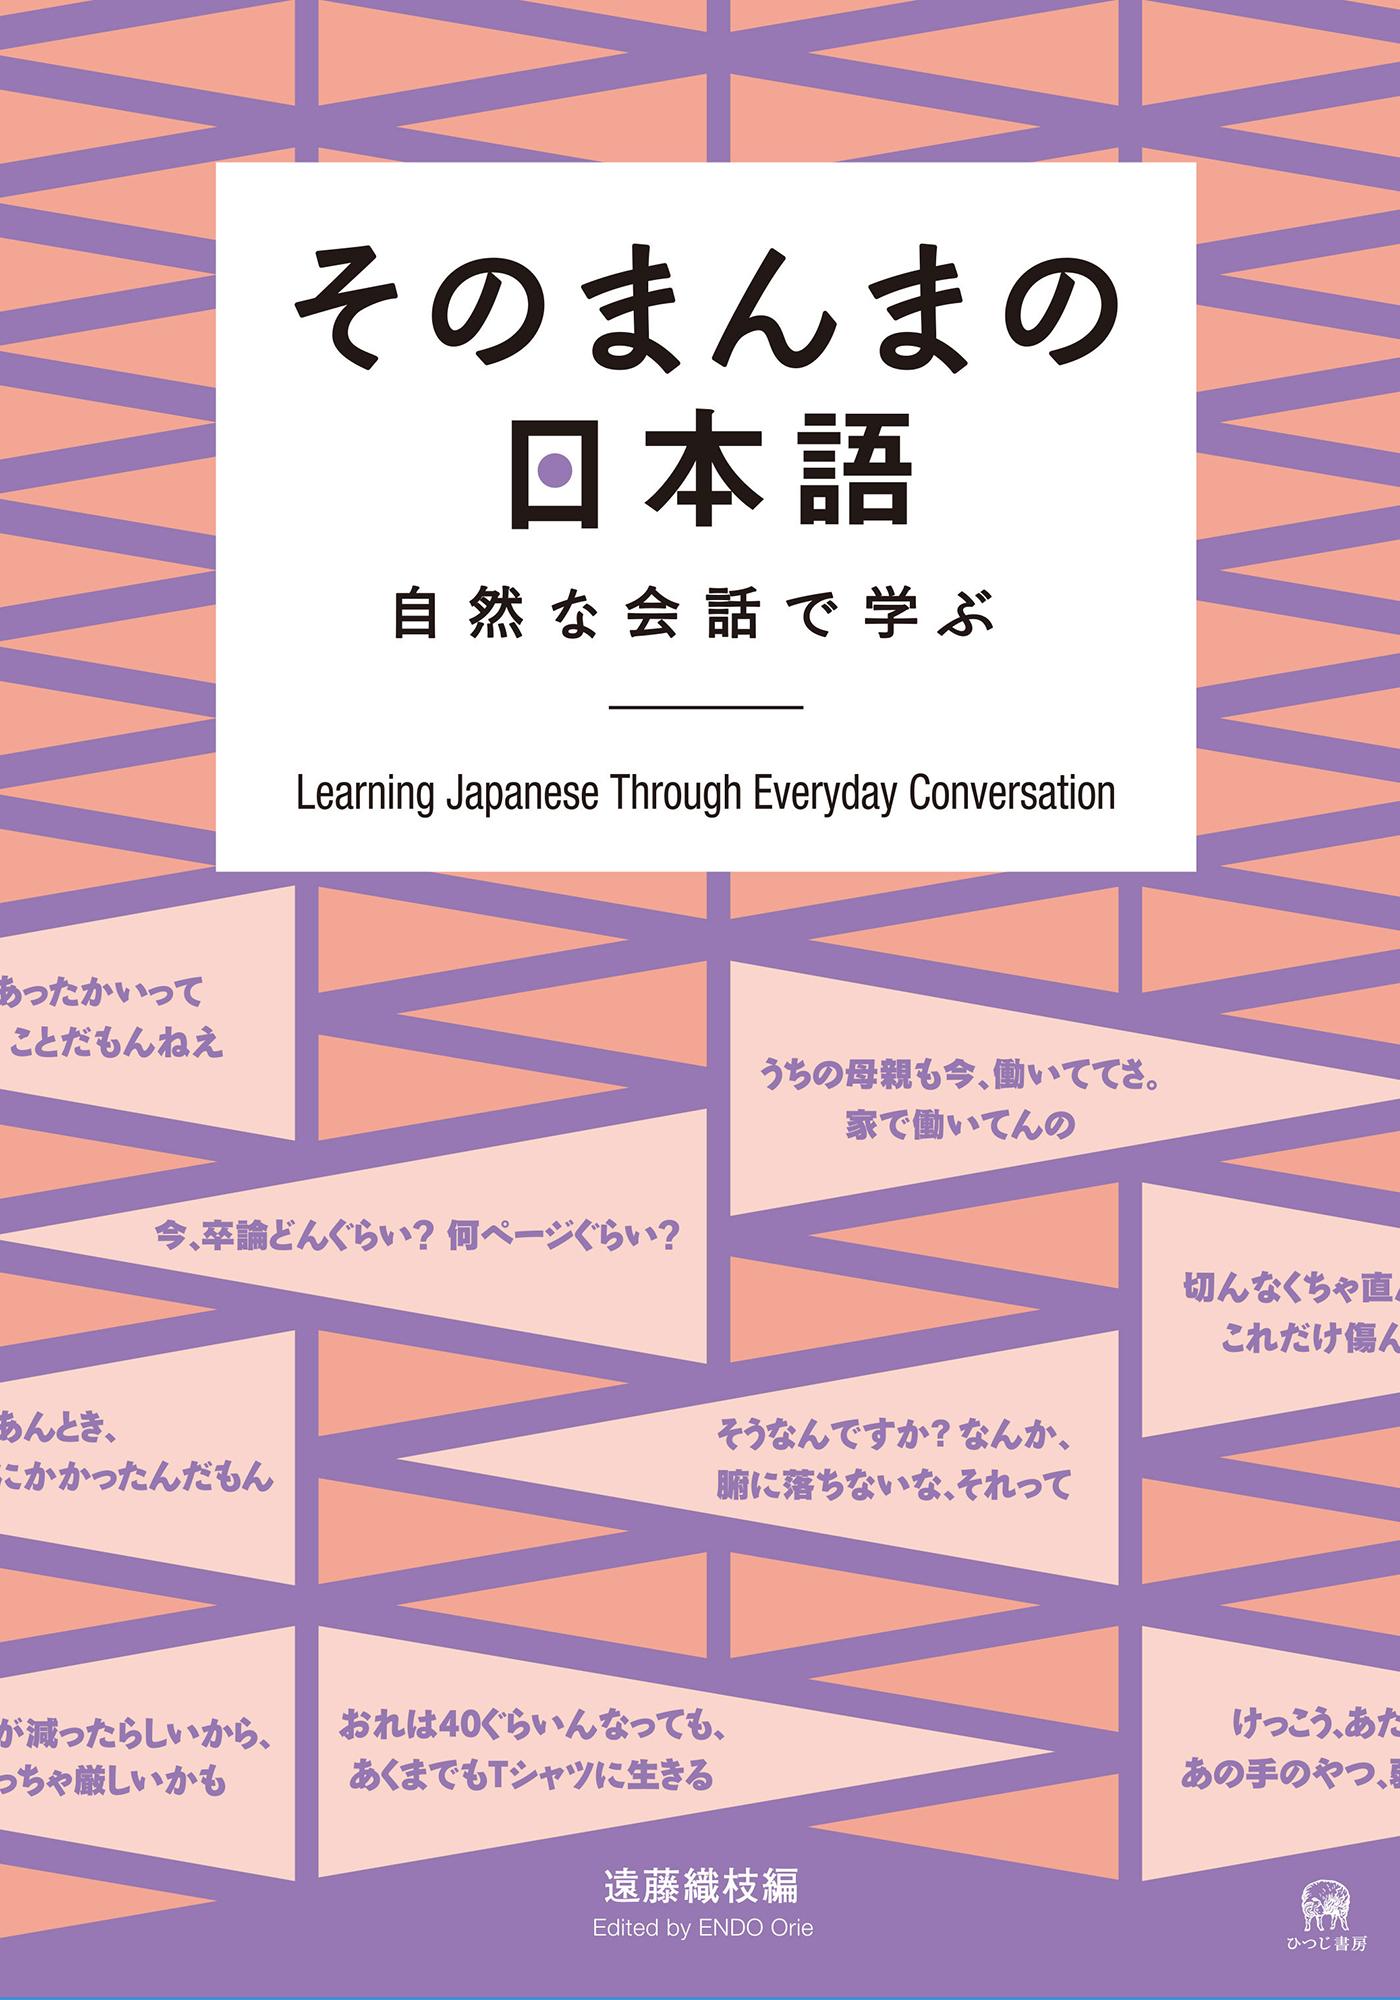 そのまんまの日本語—自然な会話で学ぶ画像